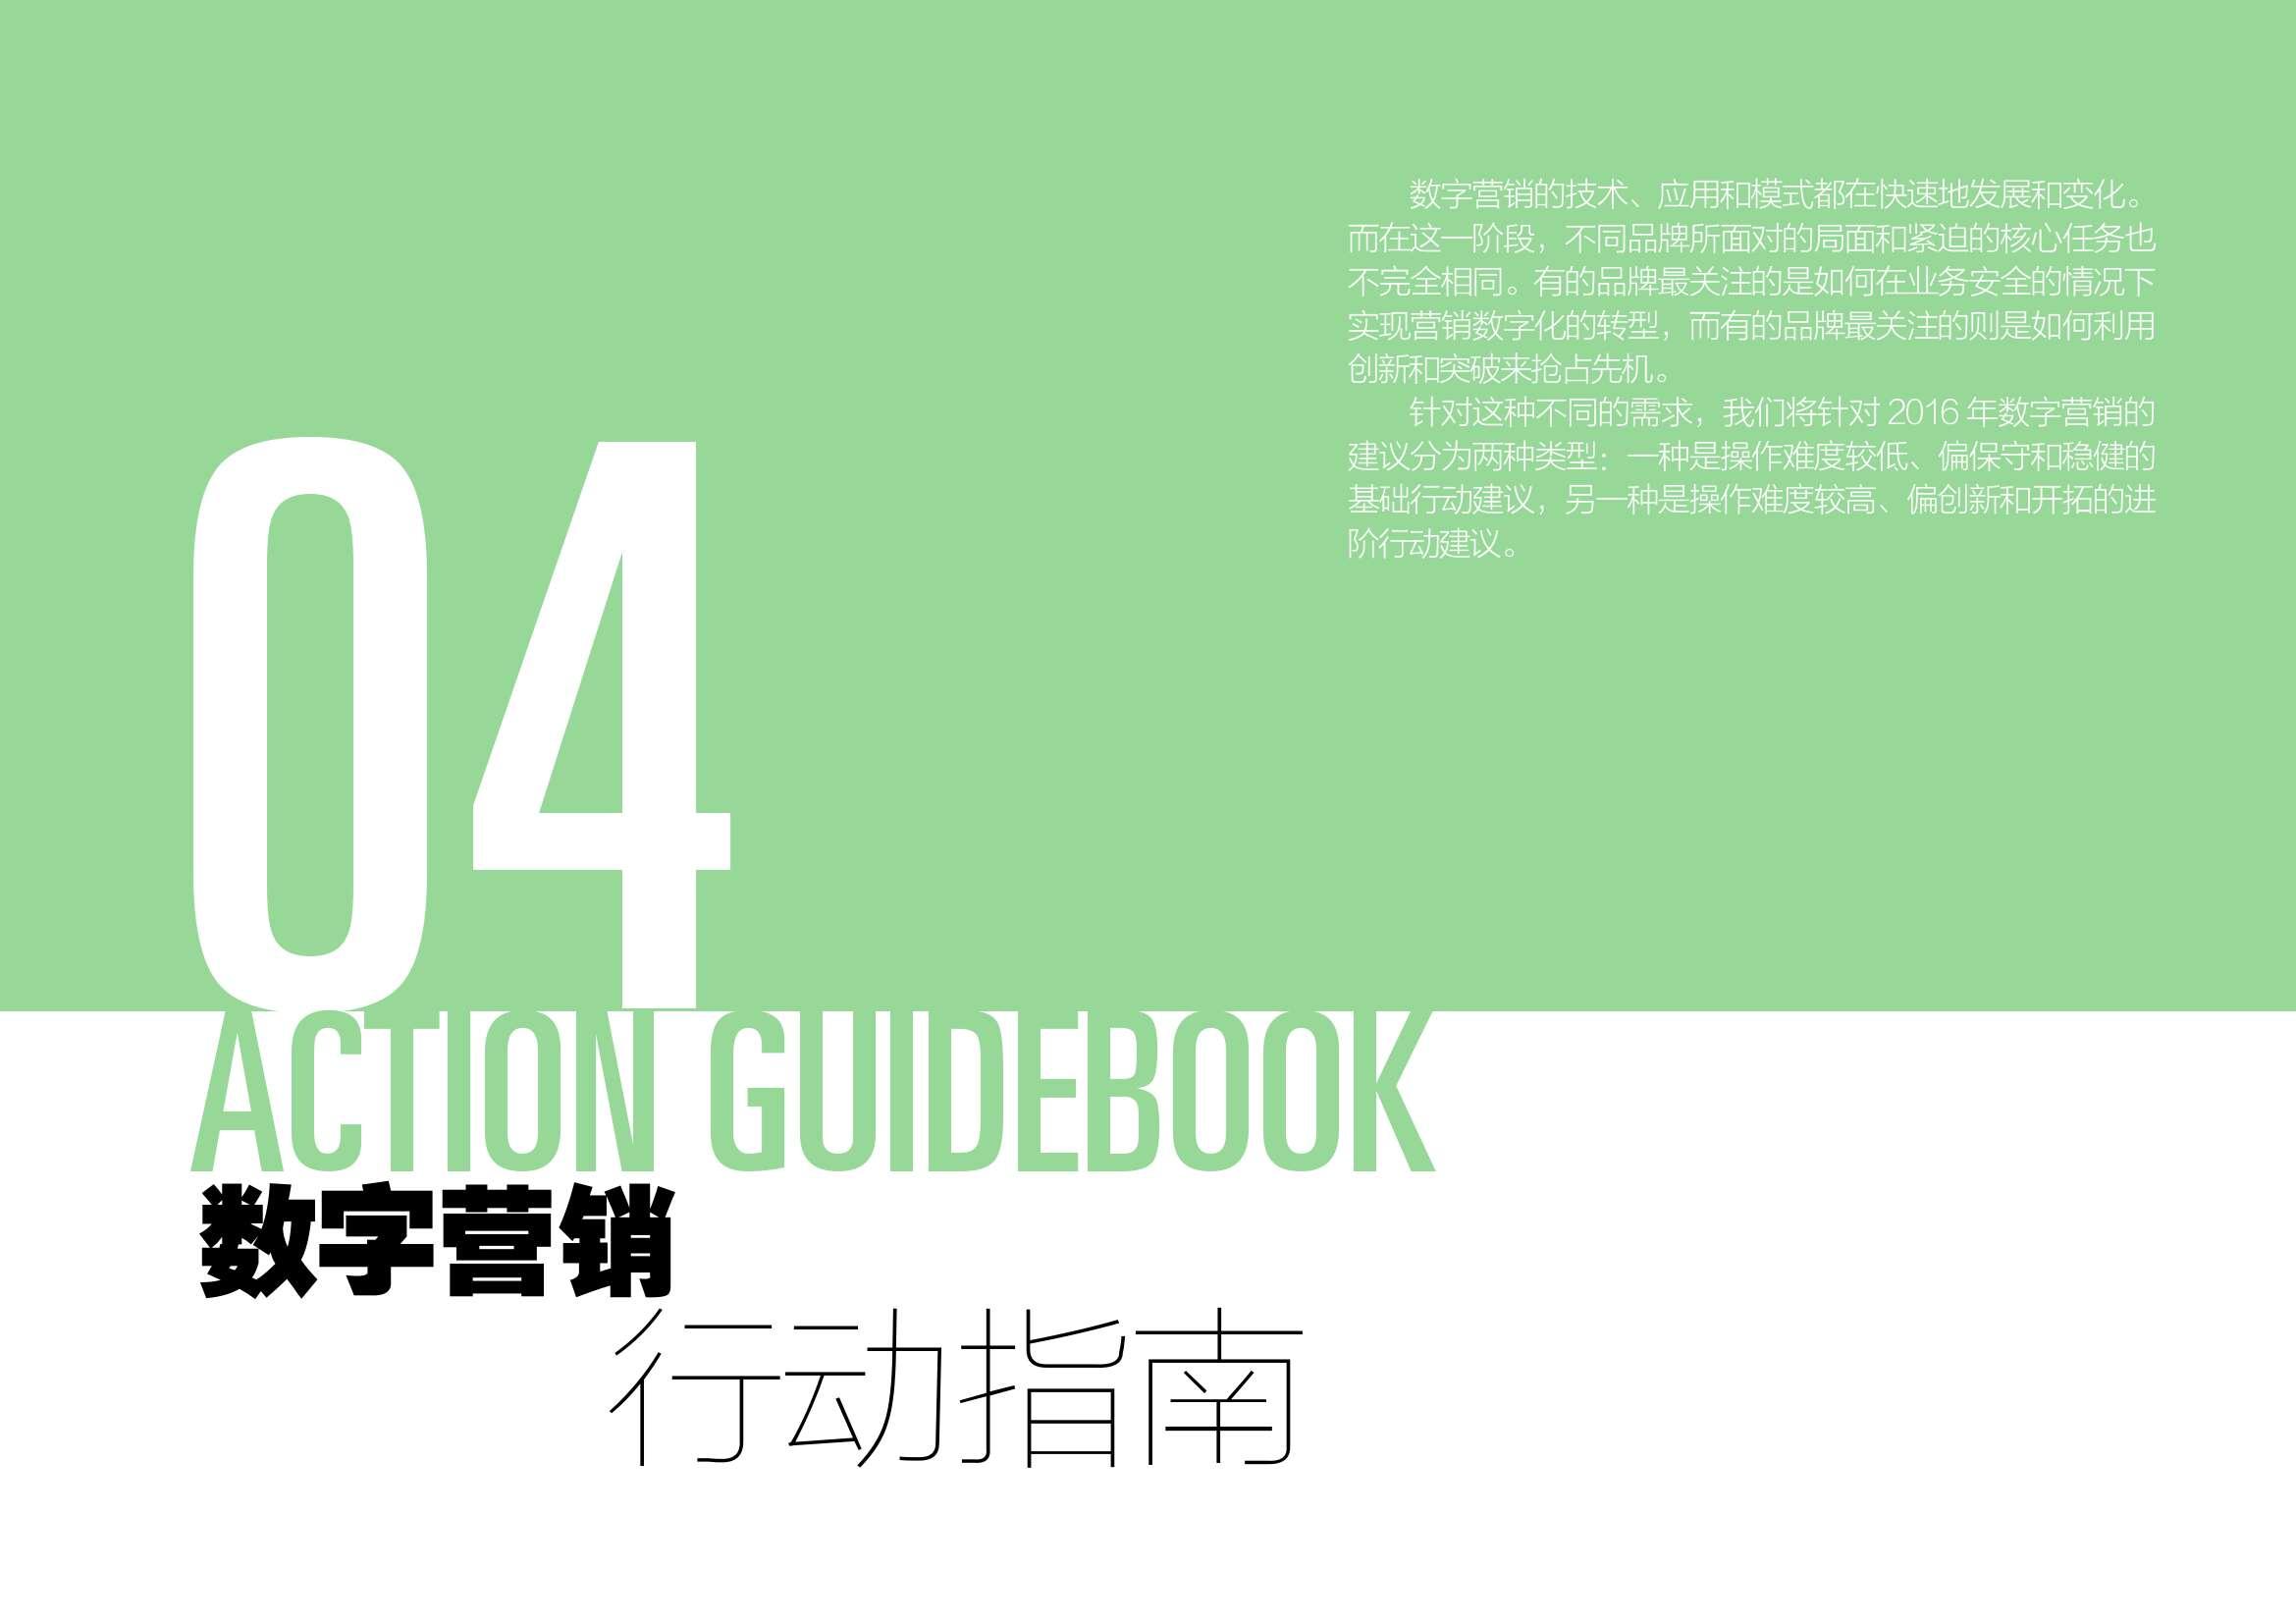 2016中国数字营销行动报告_000036